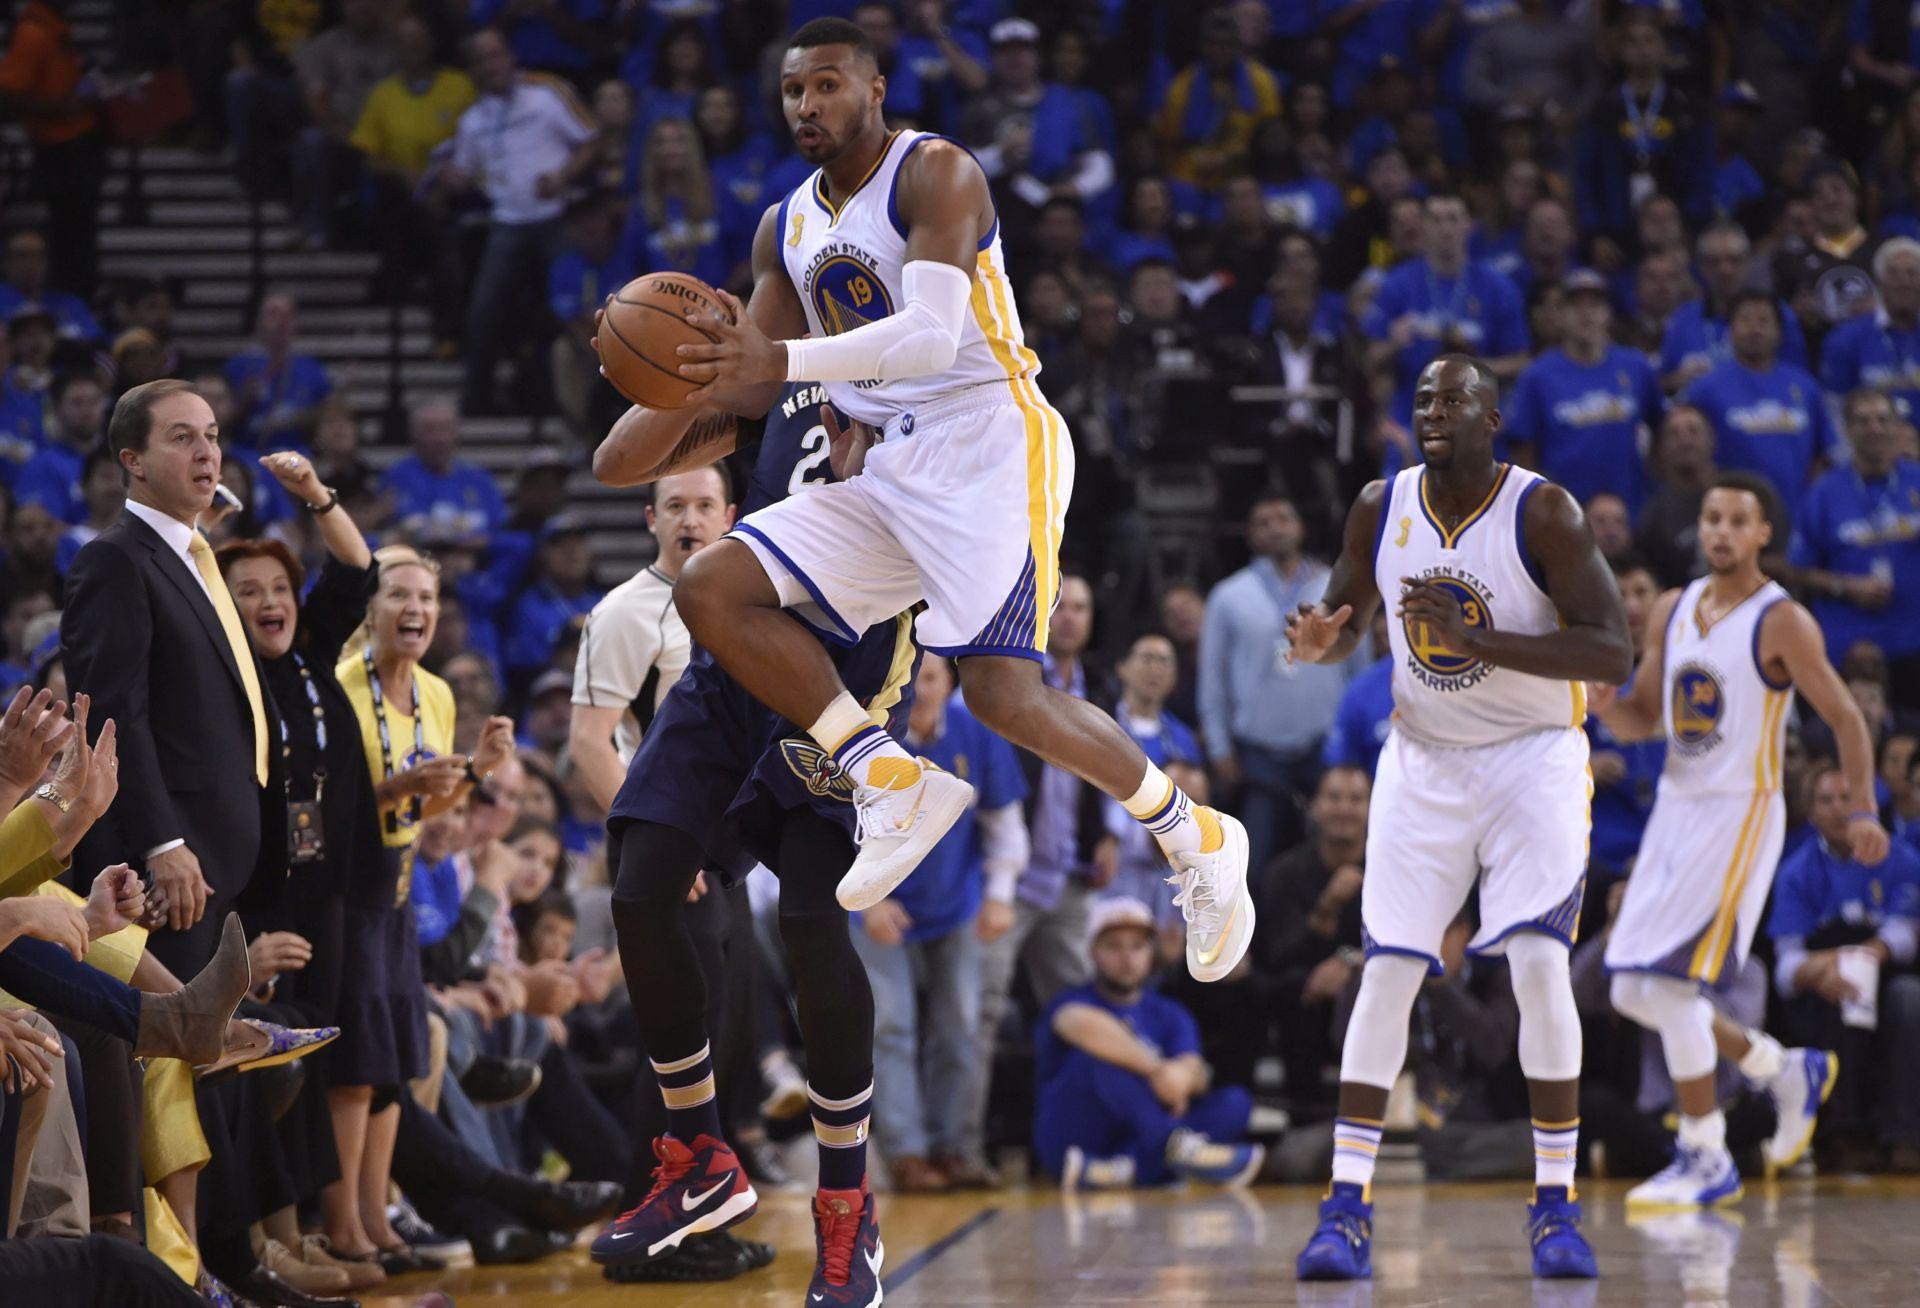 VIDEO: NBA Golden State sezonu otvorio pobjedom